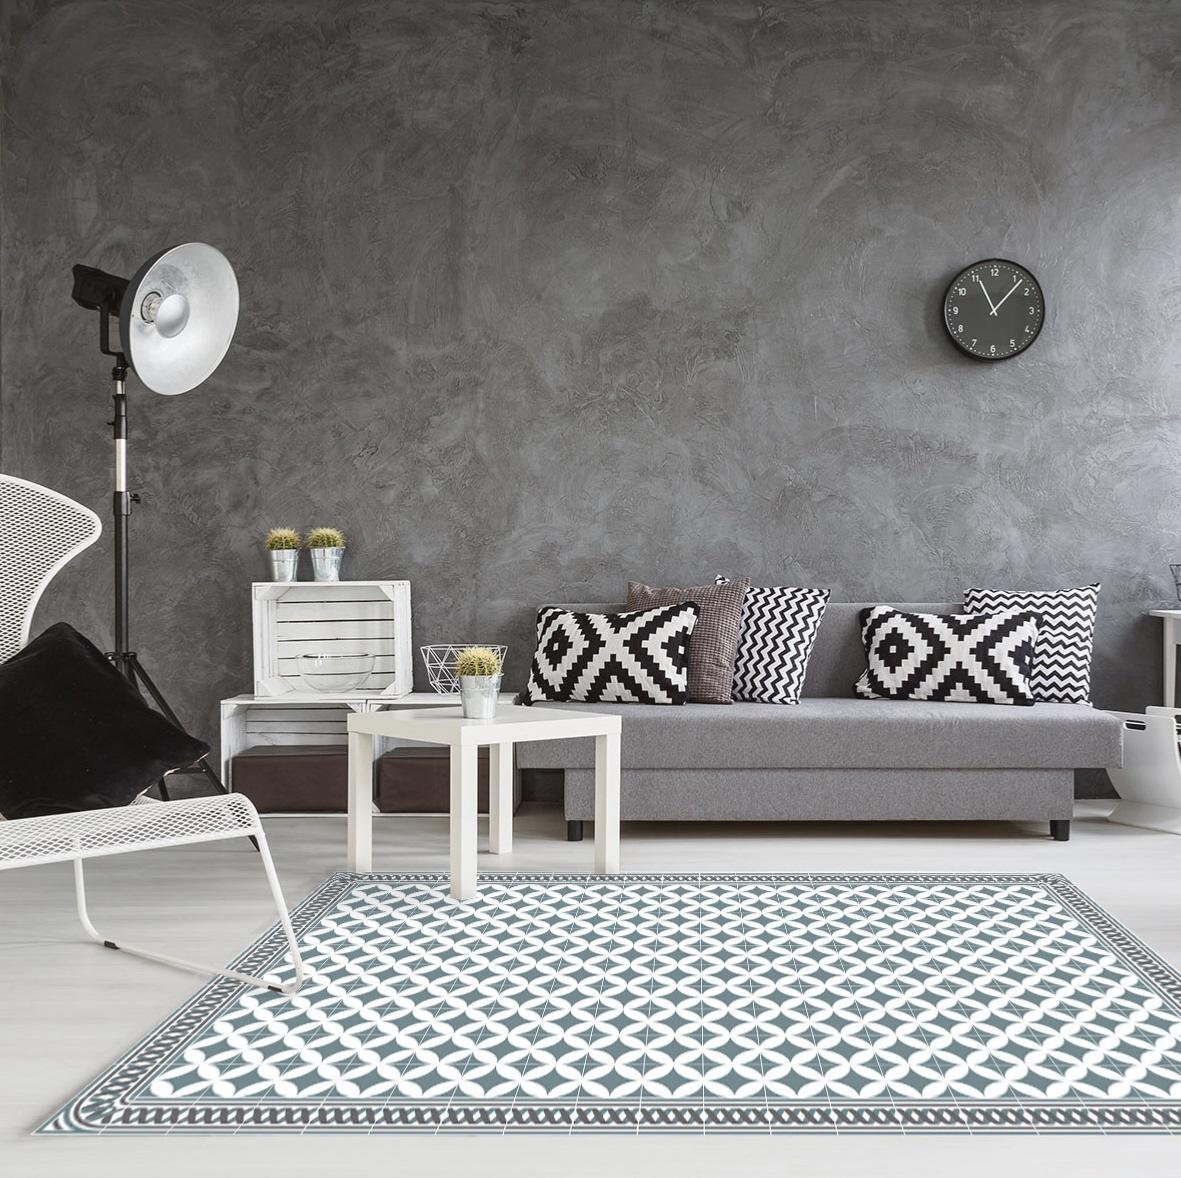 tapis vinyle carreaux de ciment louison bleu gris. Black Bedroom Furniture Sets. Home Design Ideas